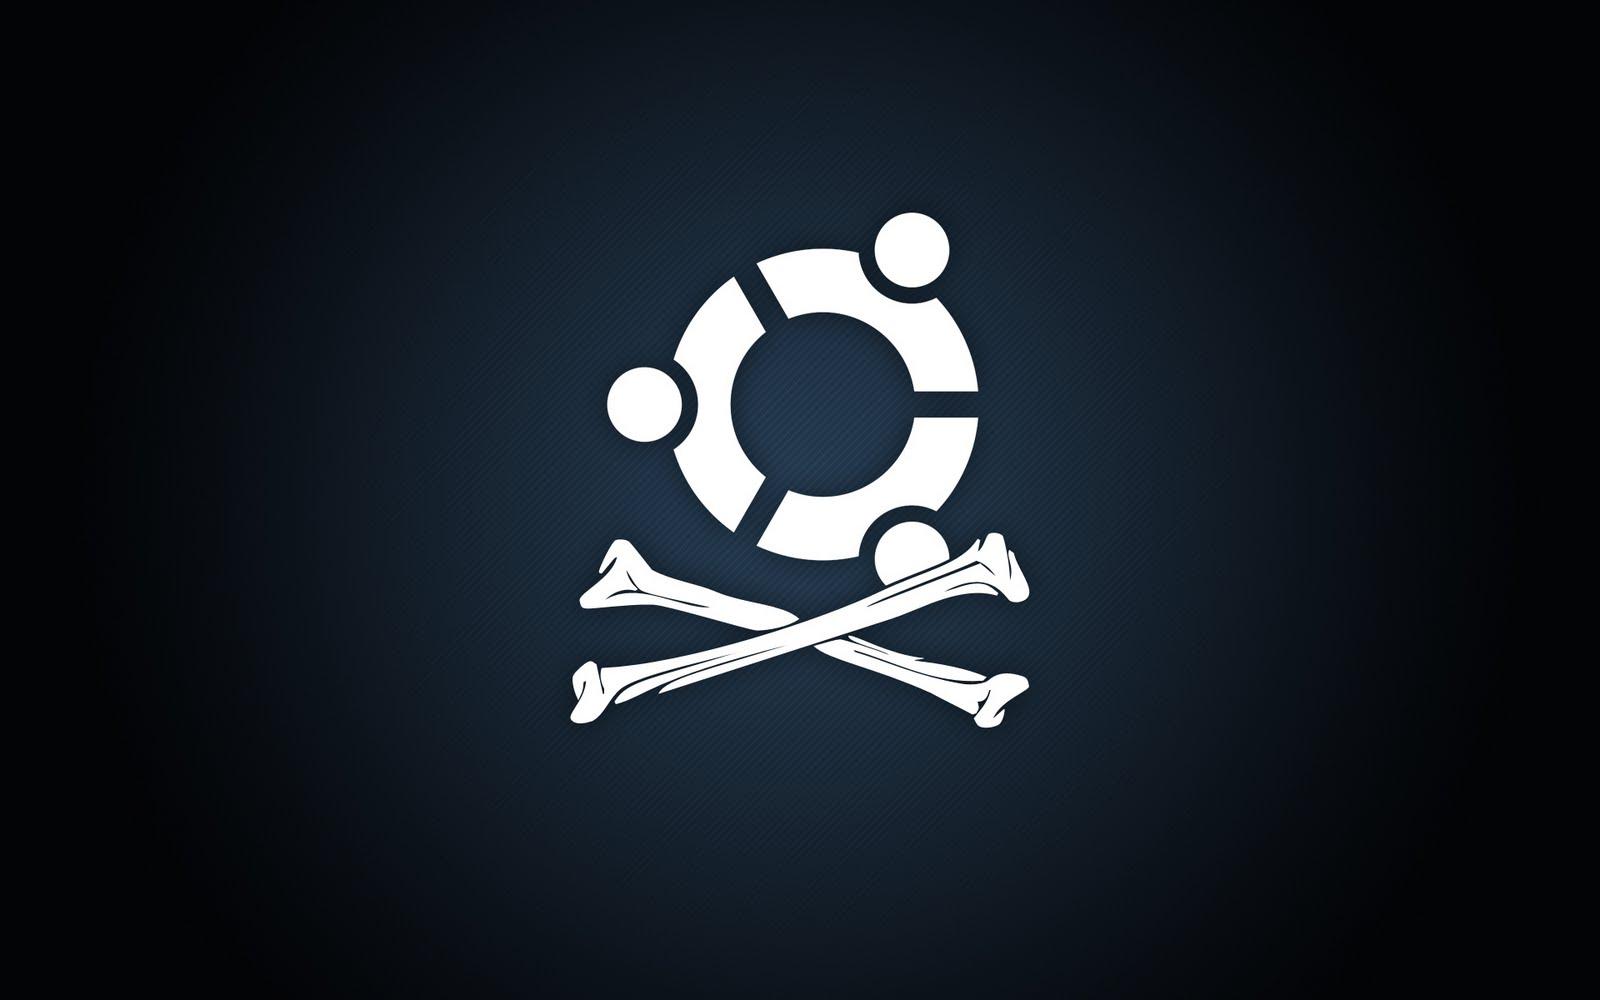 http://2.bp.blogspot.com/-oXHV60DMSdQ/TaJORCWPabI/AAAAAAAAAvo/31JKQUwNMn0/s1600/wallpaper-pirate-ubuntu1.jpg